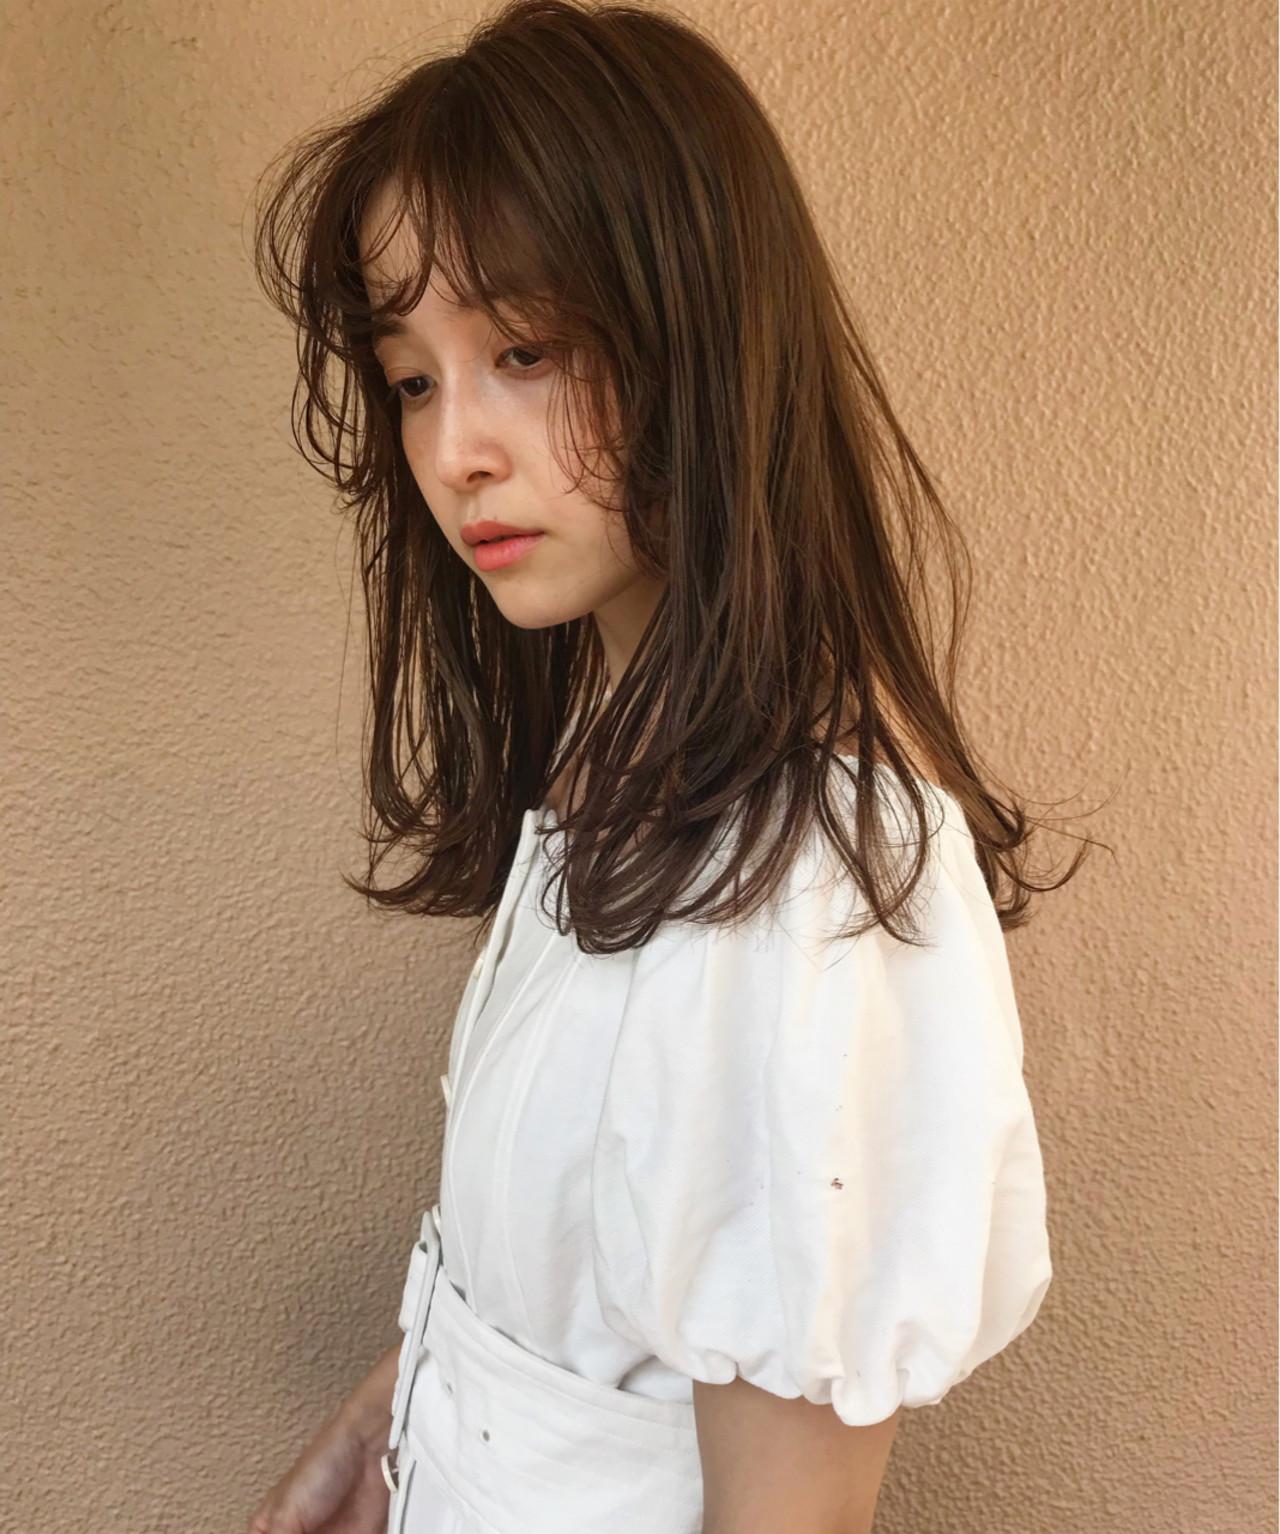 涼しげ 夏 デート 大人かわいい ヘアスタイルや髪型の写真・画像 | lora.garden 英太 /  lora.garden